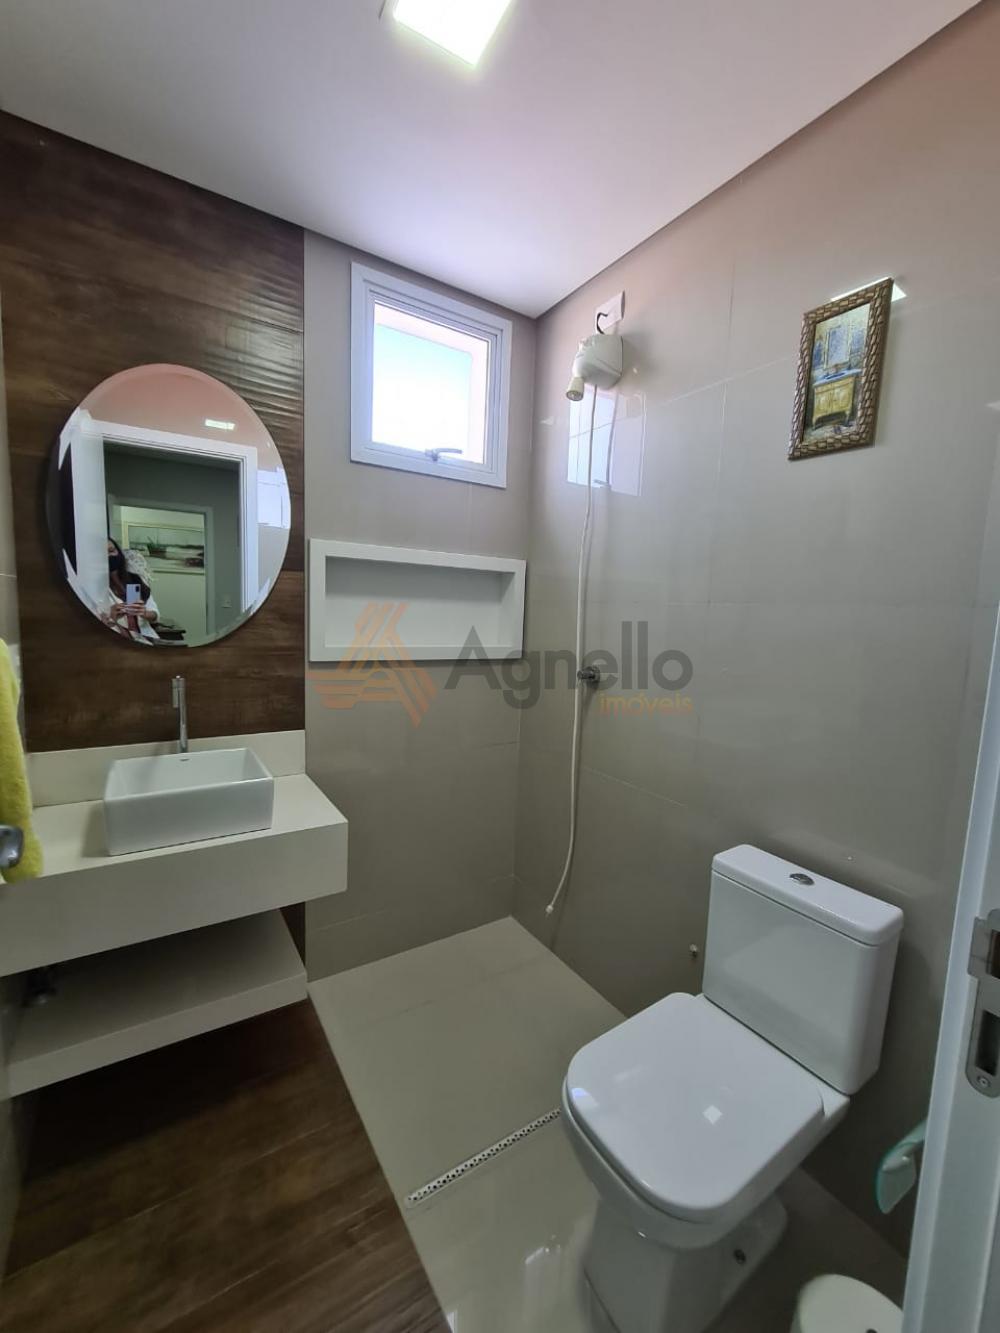 Comprar Apartamento / Padrão em Franca R$ 850.000,00 - Foto 8